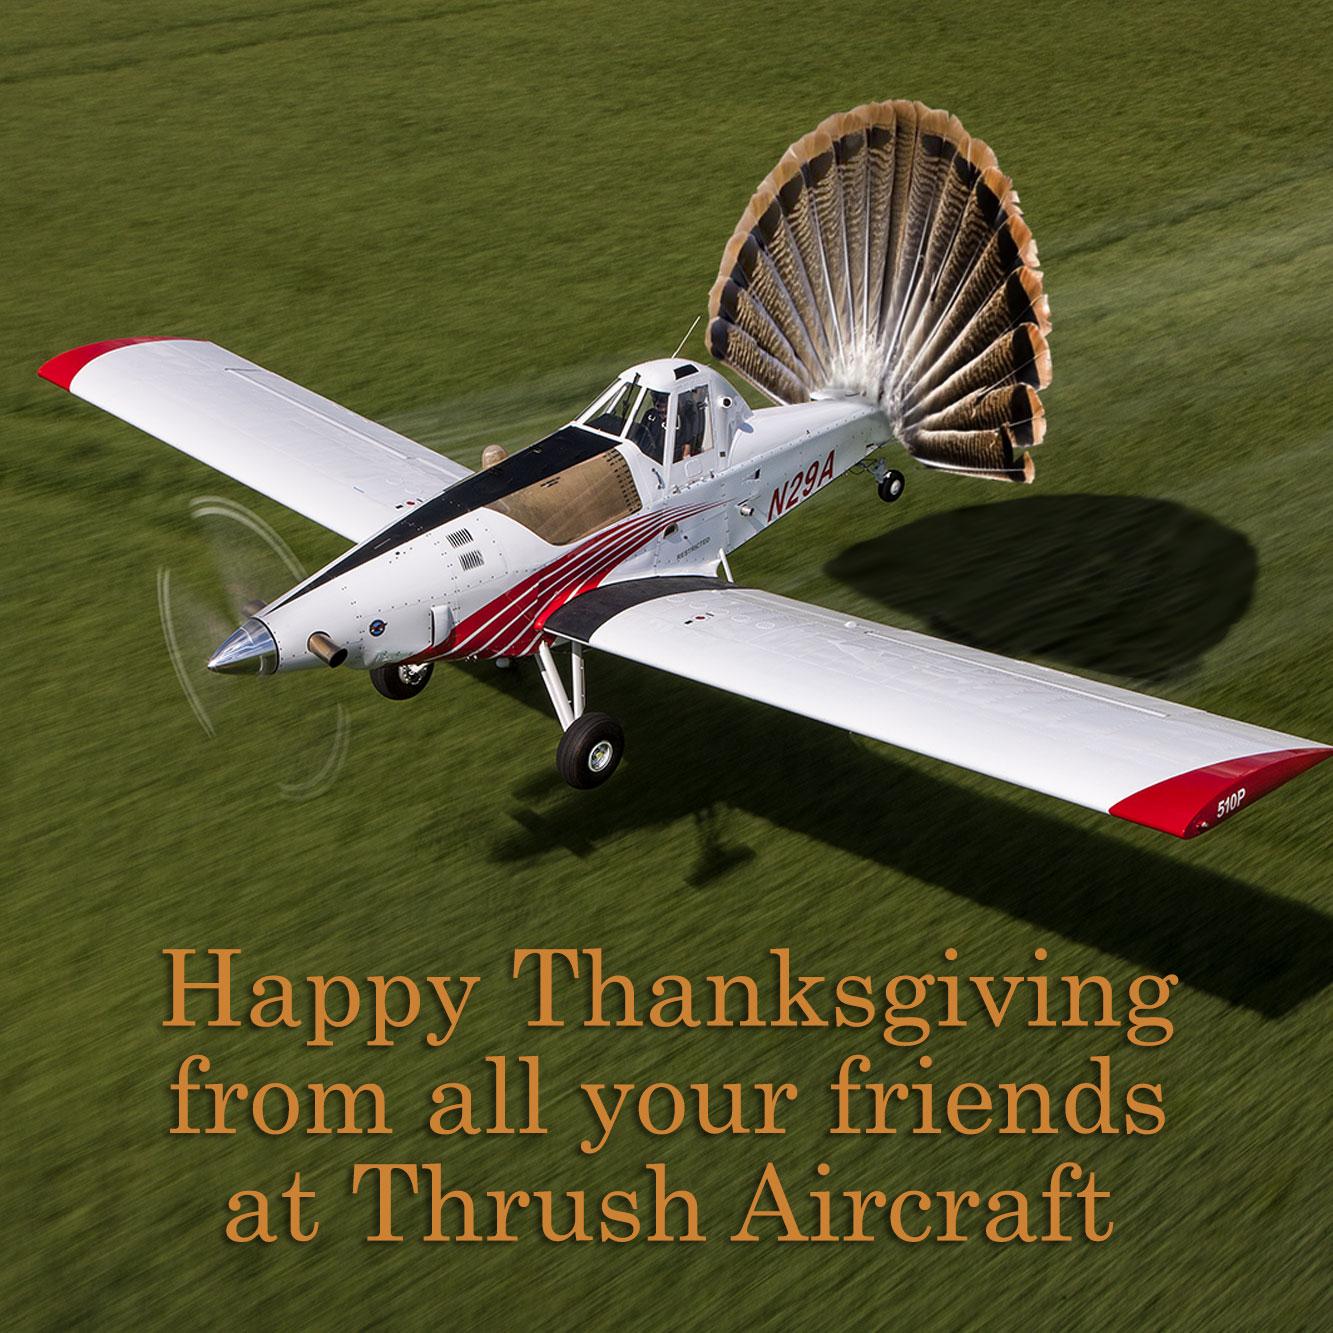 Thrush-Instagram_Thanksgiving.jpg